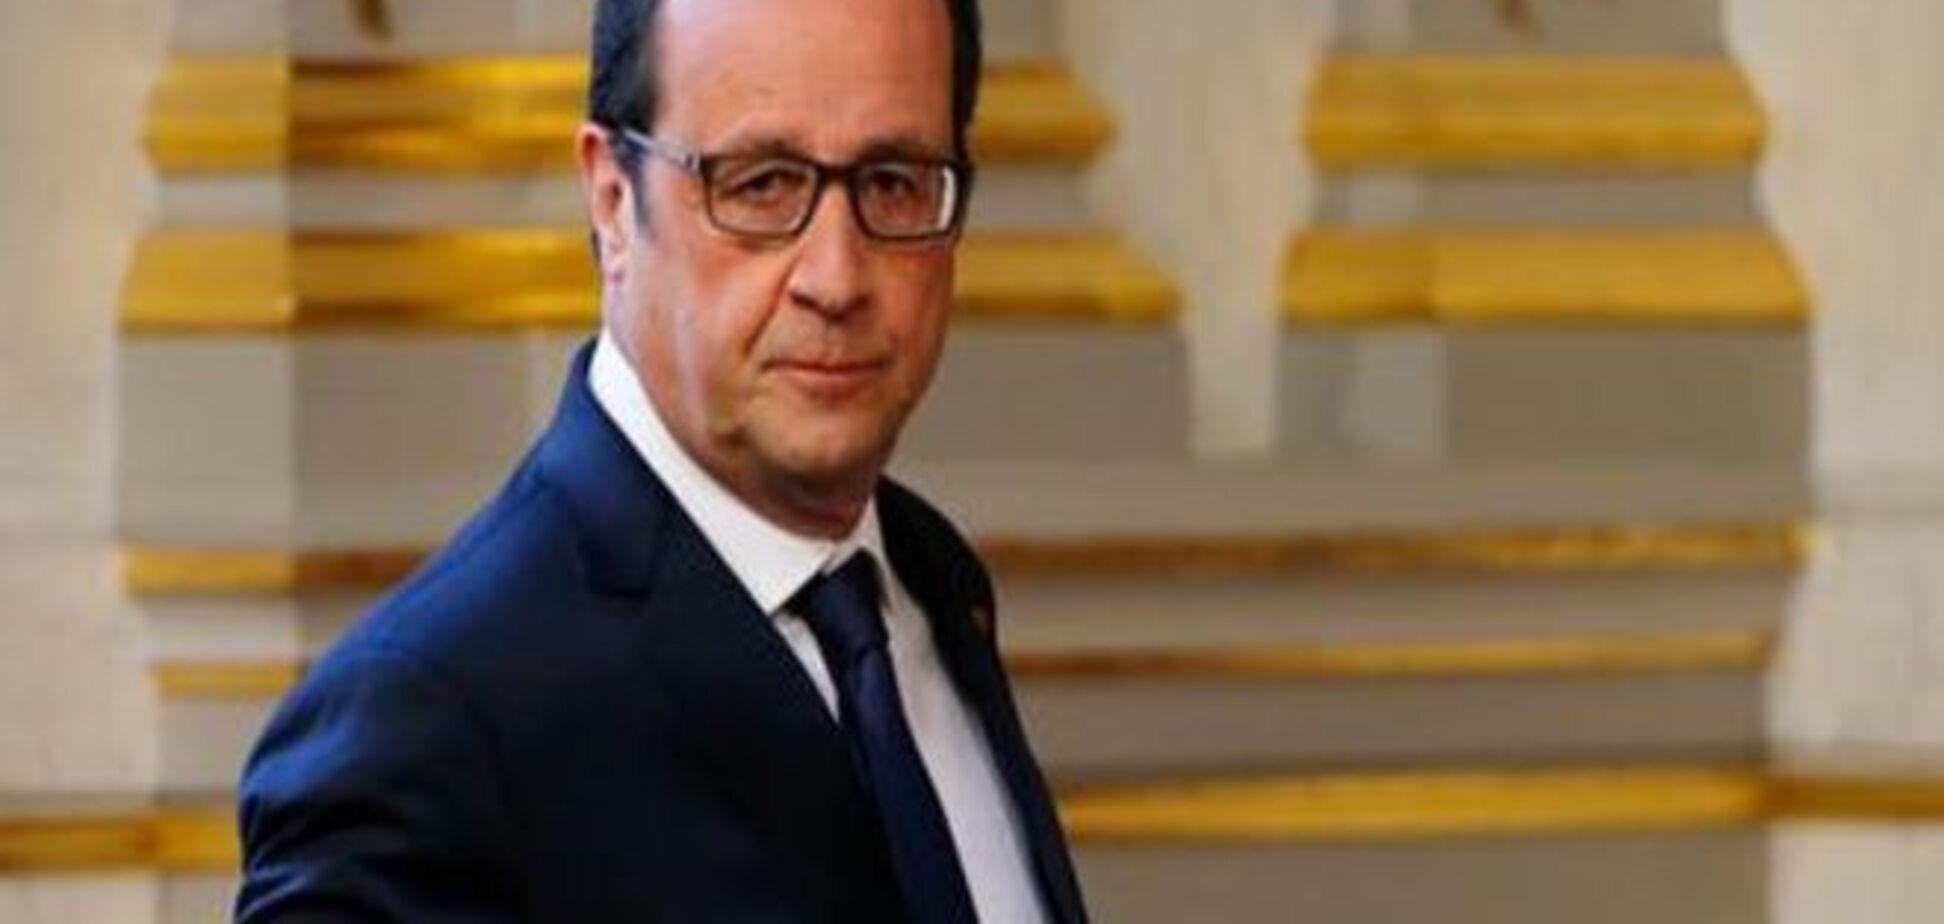 Олланд виступив за створення уряду Єврозони